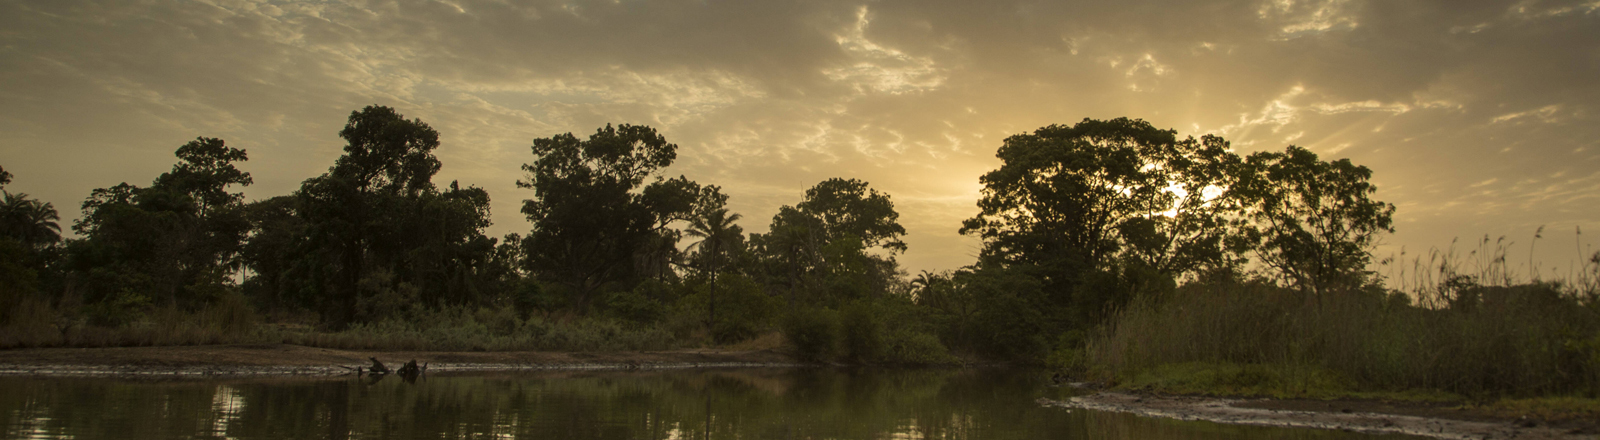 Mangrovenbäume vor einem Sonnenuntergang